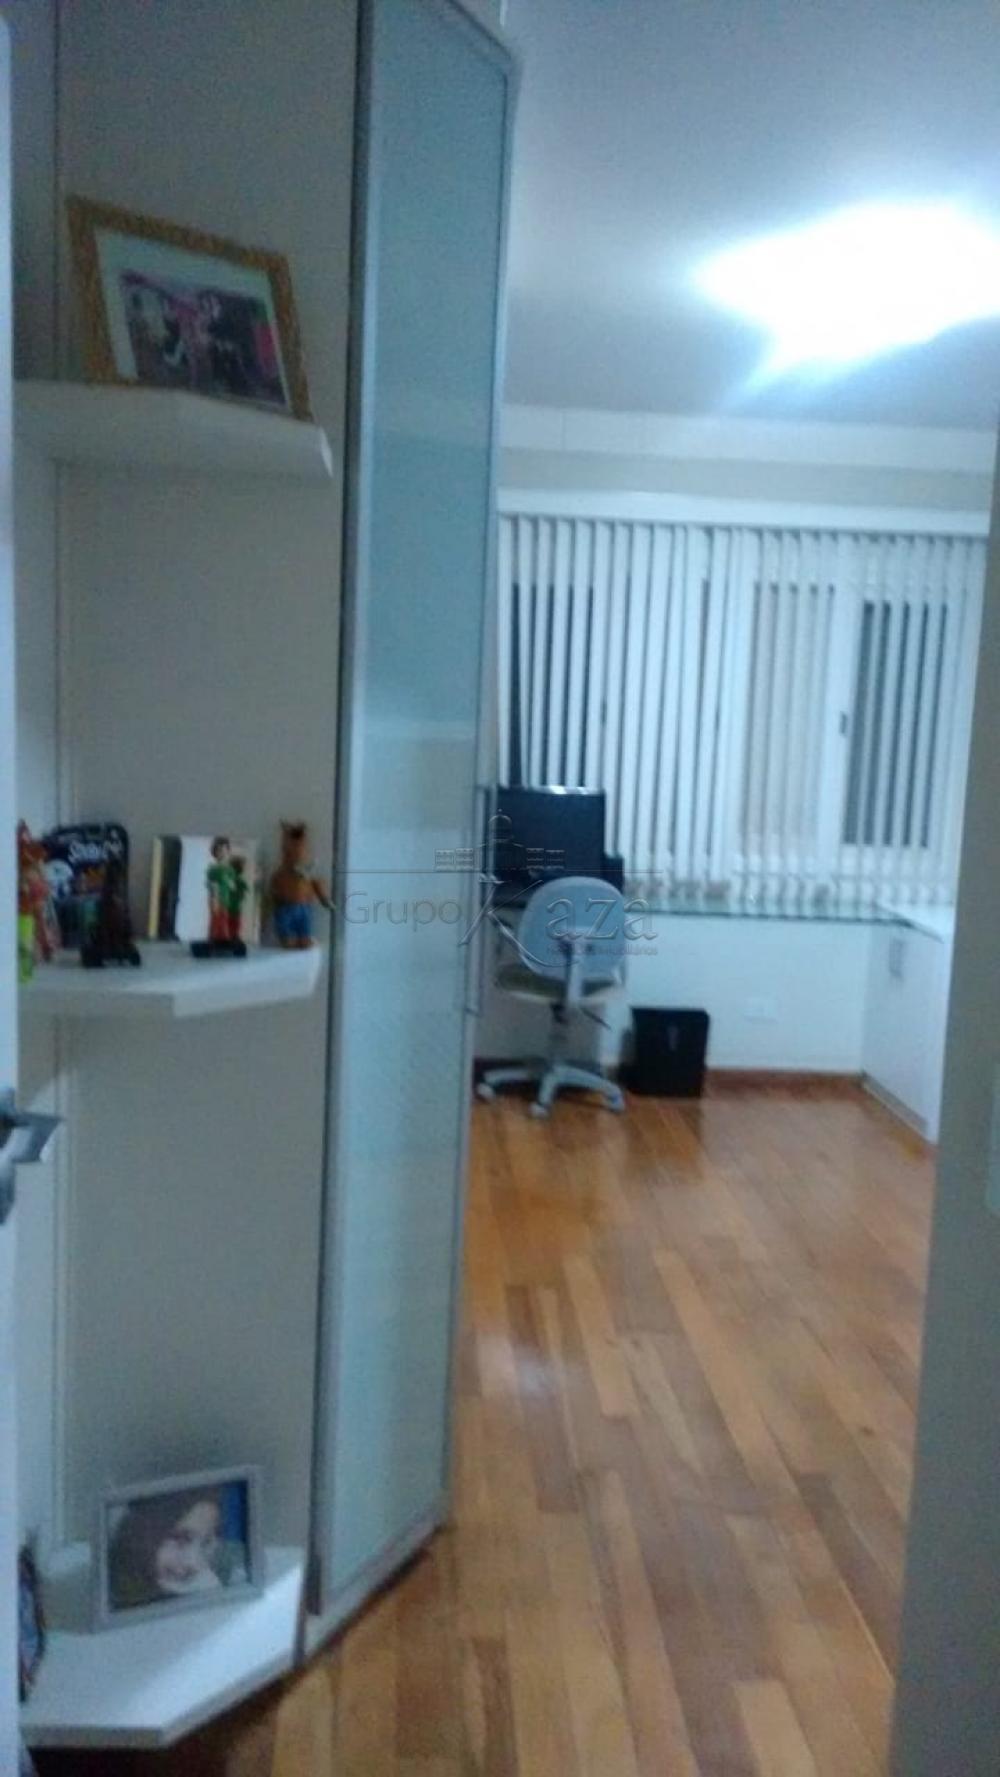 Comprar Casa / Condomínio em São José dos Campos apenas R$ 1.300.000,00 - Foto 22